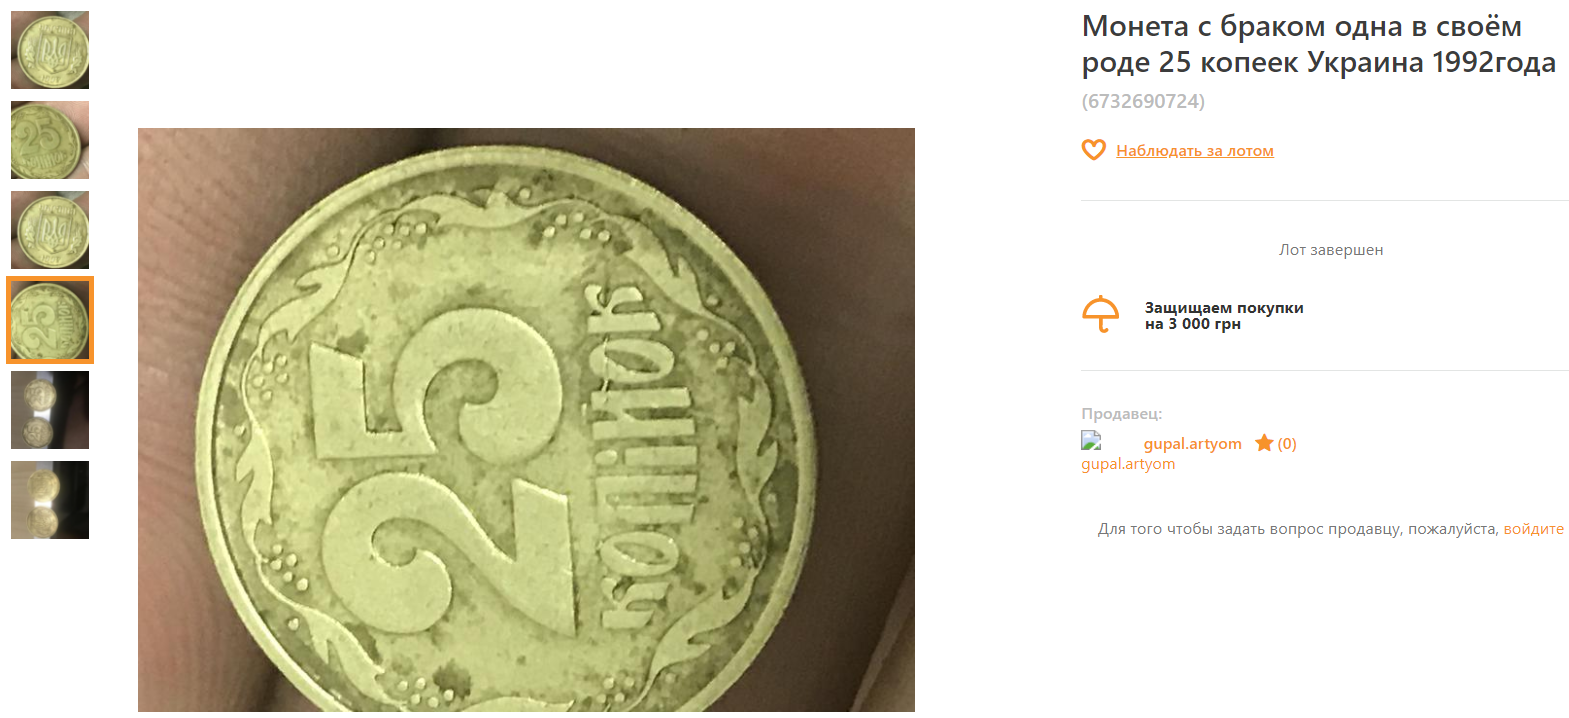 Как выглядит монета, за которую в Украине дают тысячи гривен (фото)